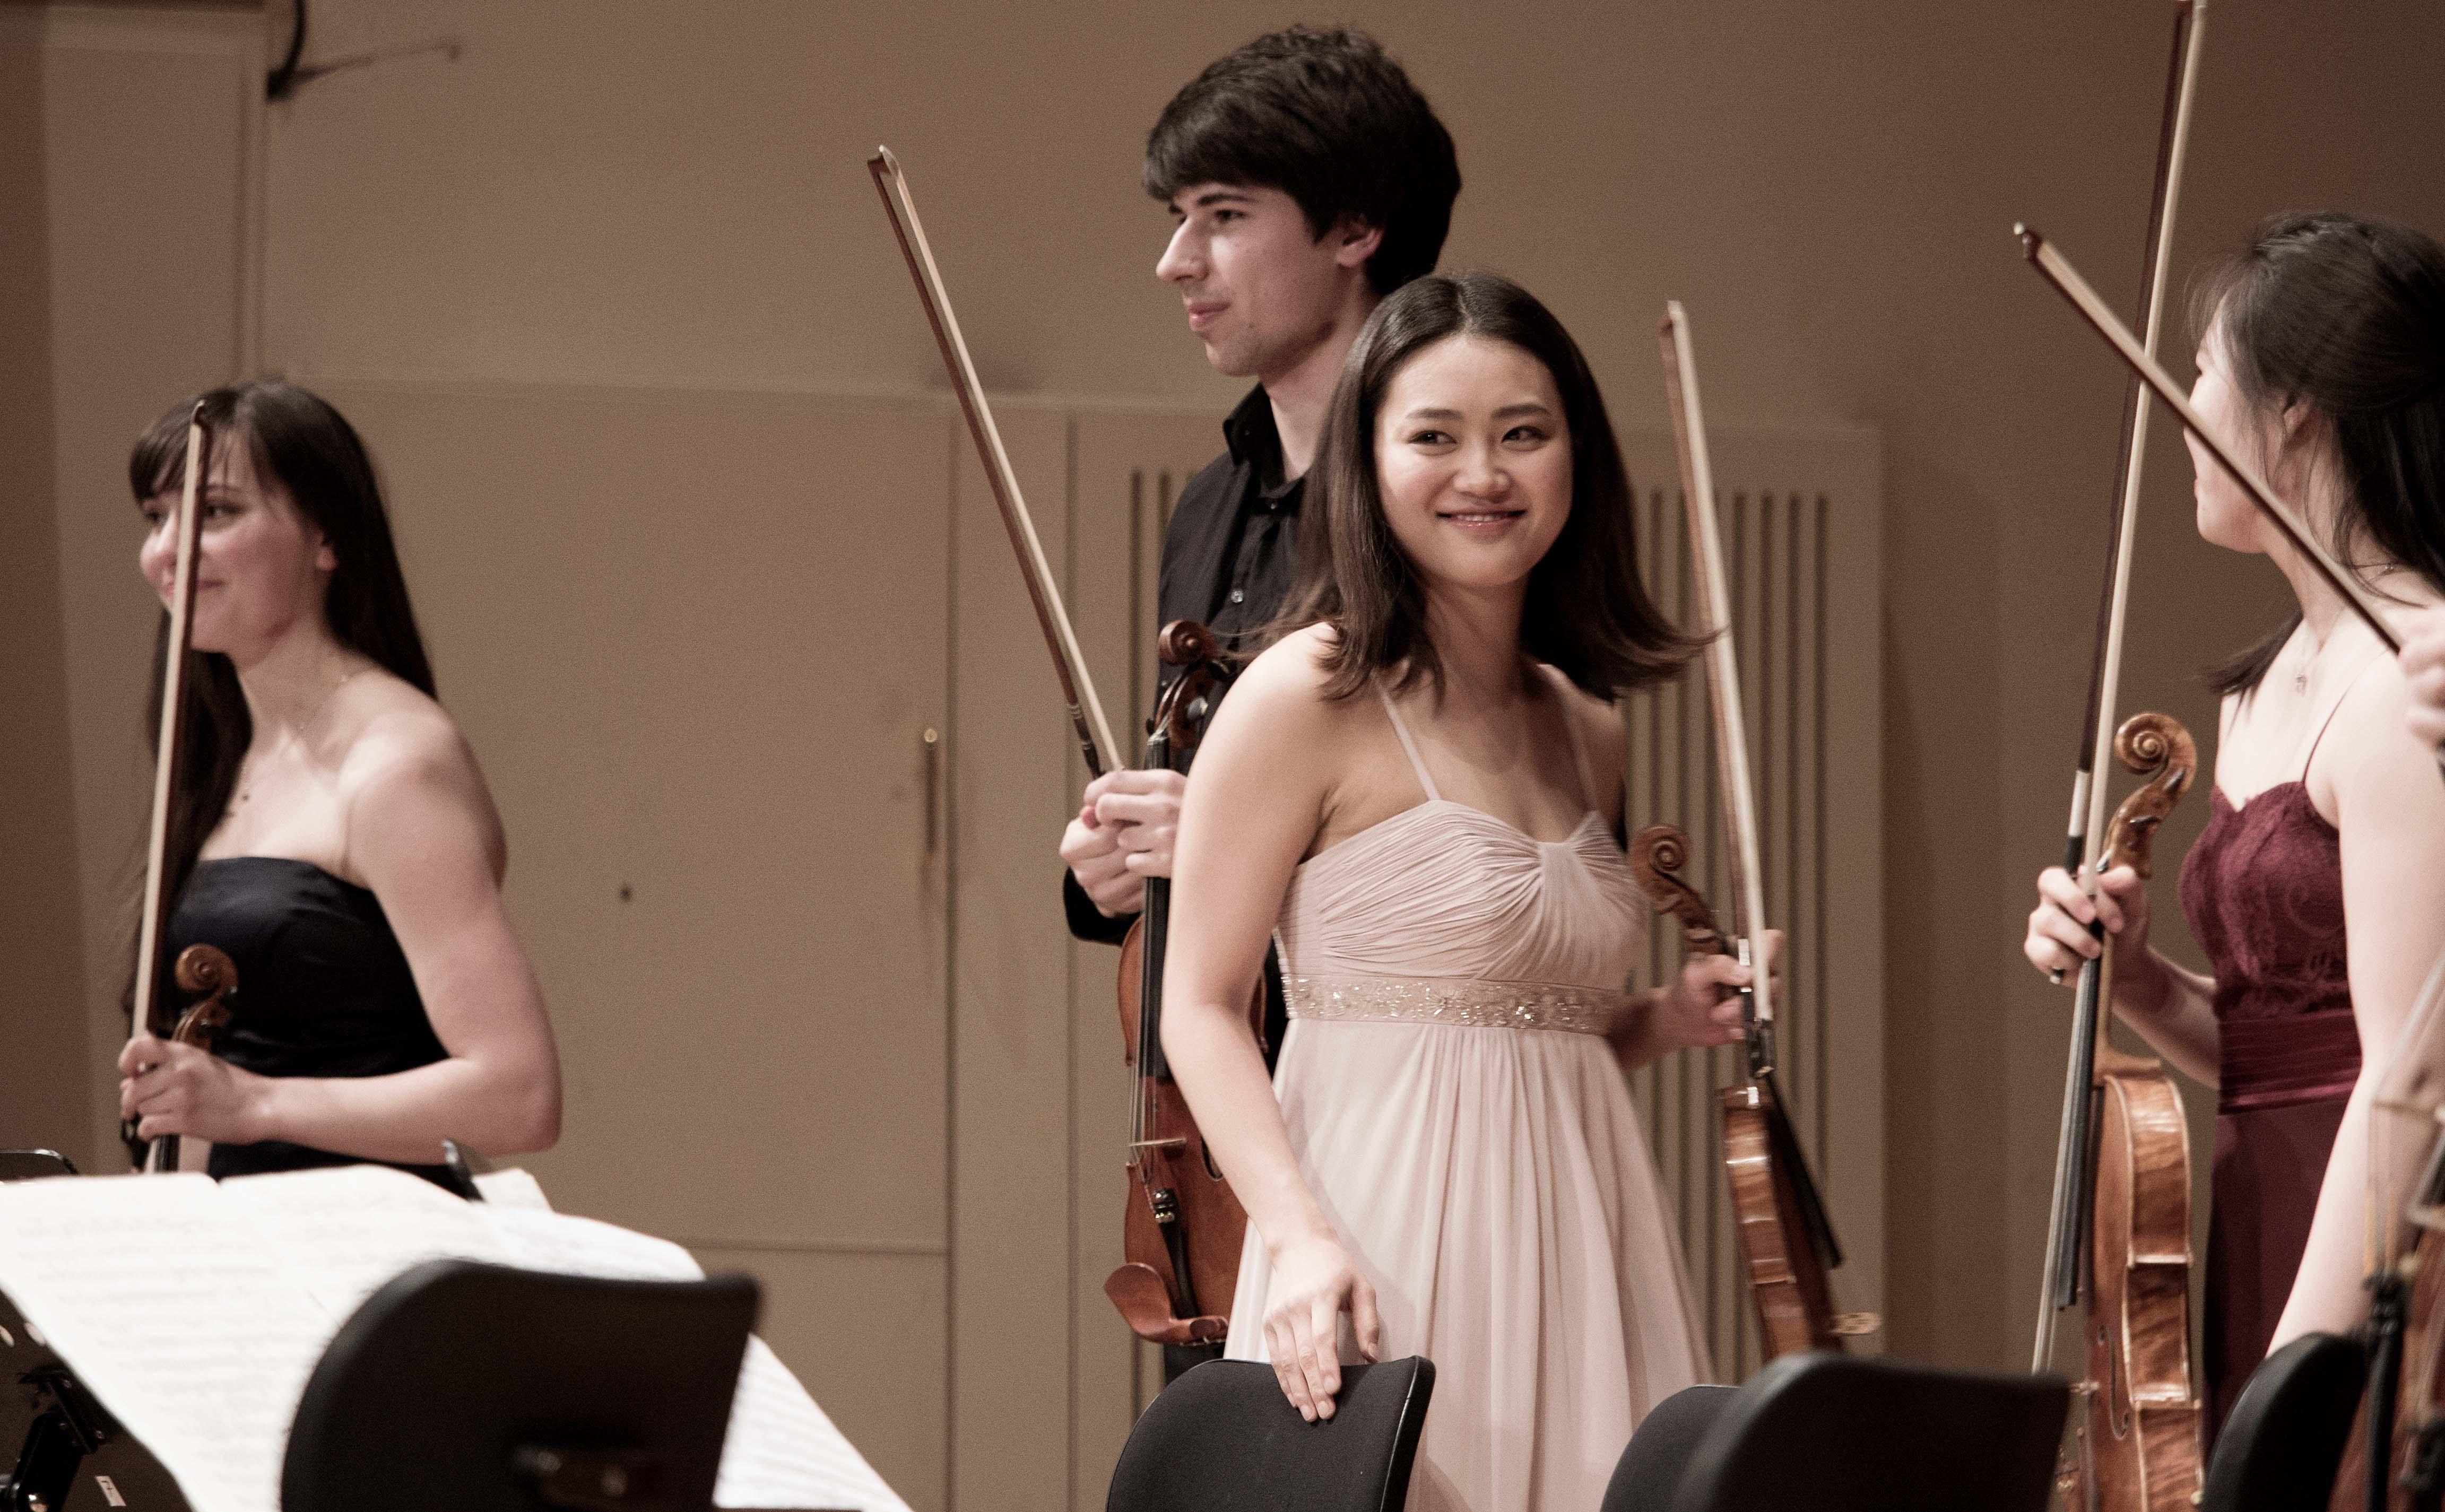 Stipendiaten der Kammermusik Akademie